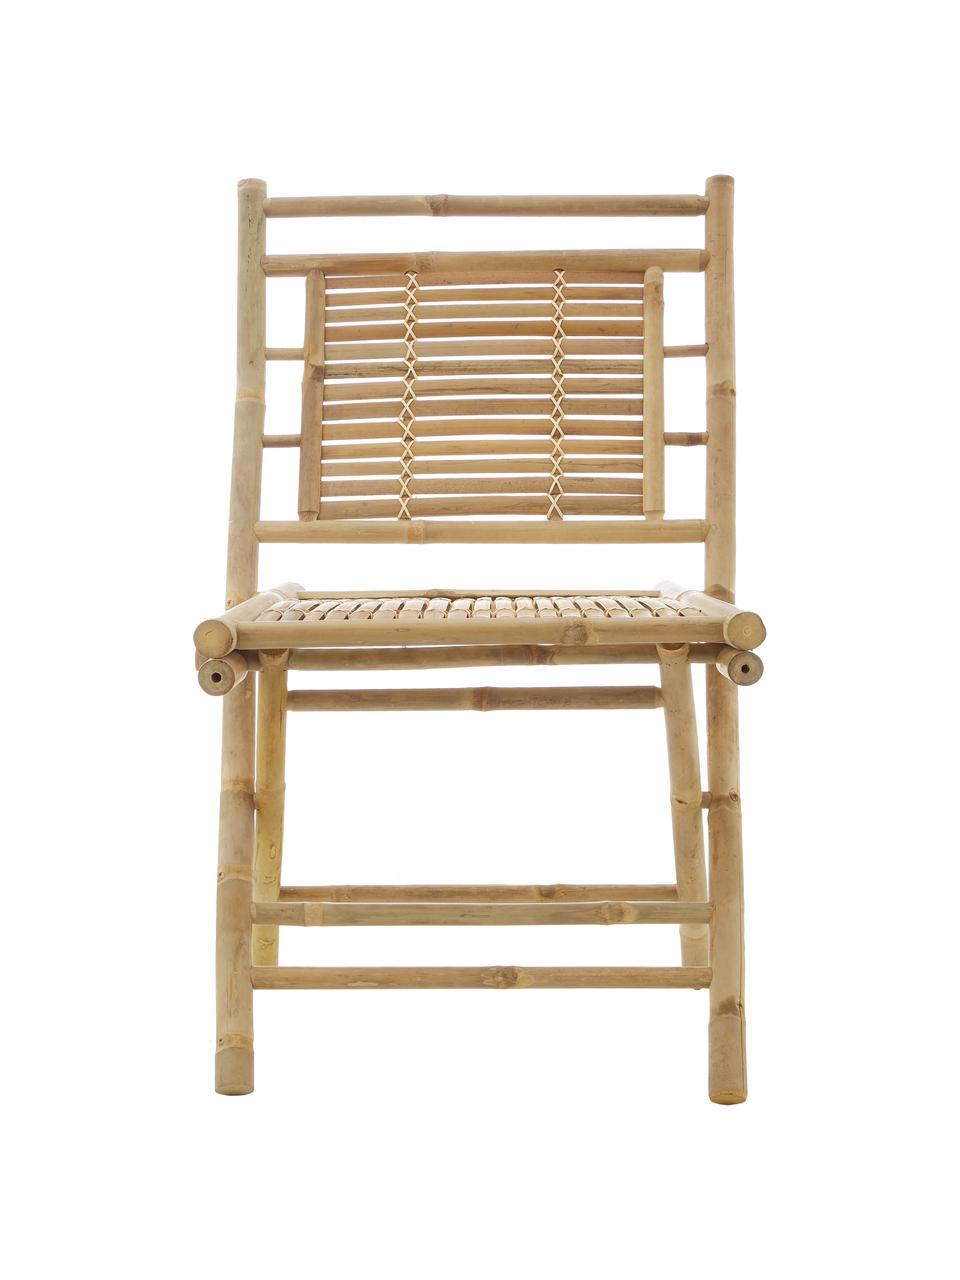 Sedia pieghevole da giardino in bambù Tropical 2 pz, Bambù, Marrone, Larg. 45 x Prof. 55 cm